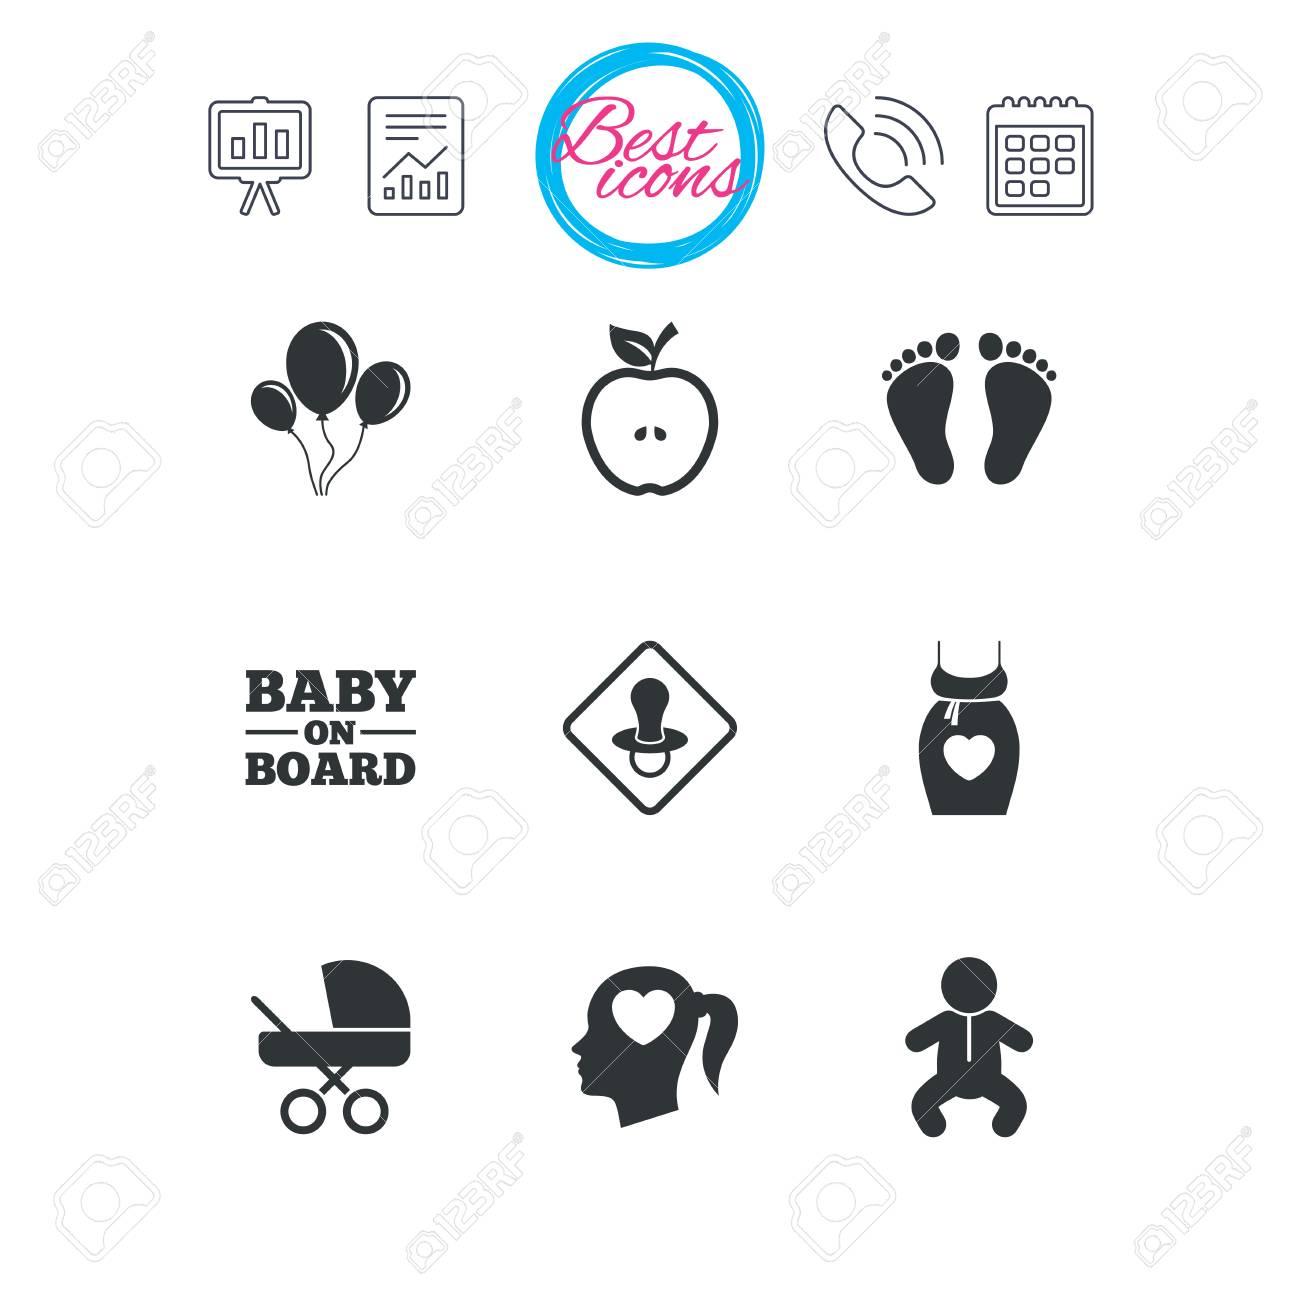 Calendario Maternita.Presentazione Report E Segni Di Calendario Icone Di Gravidanza Maternita E Cura Del Bambino Aerei In Mongolfiera Carrozzina E Ciuccio Impronta